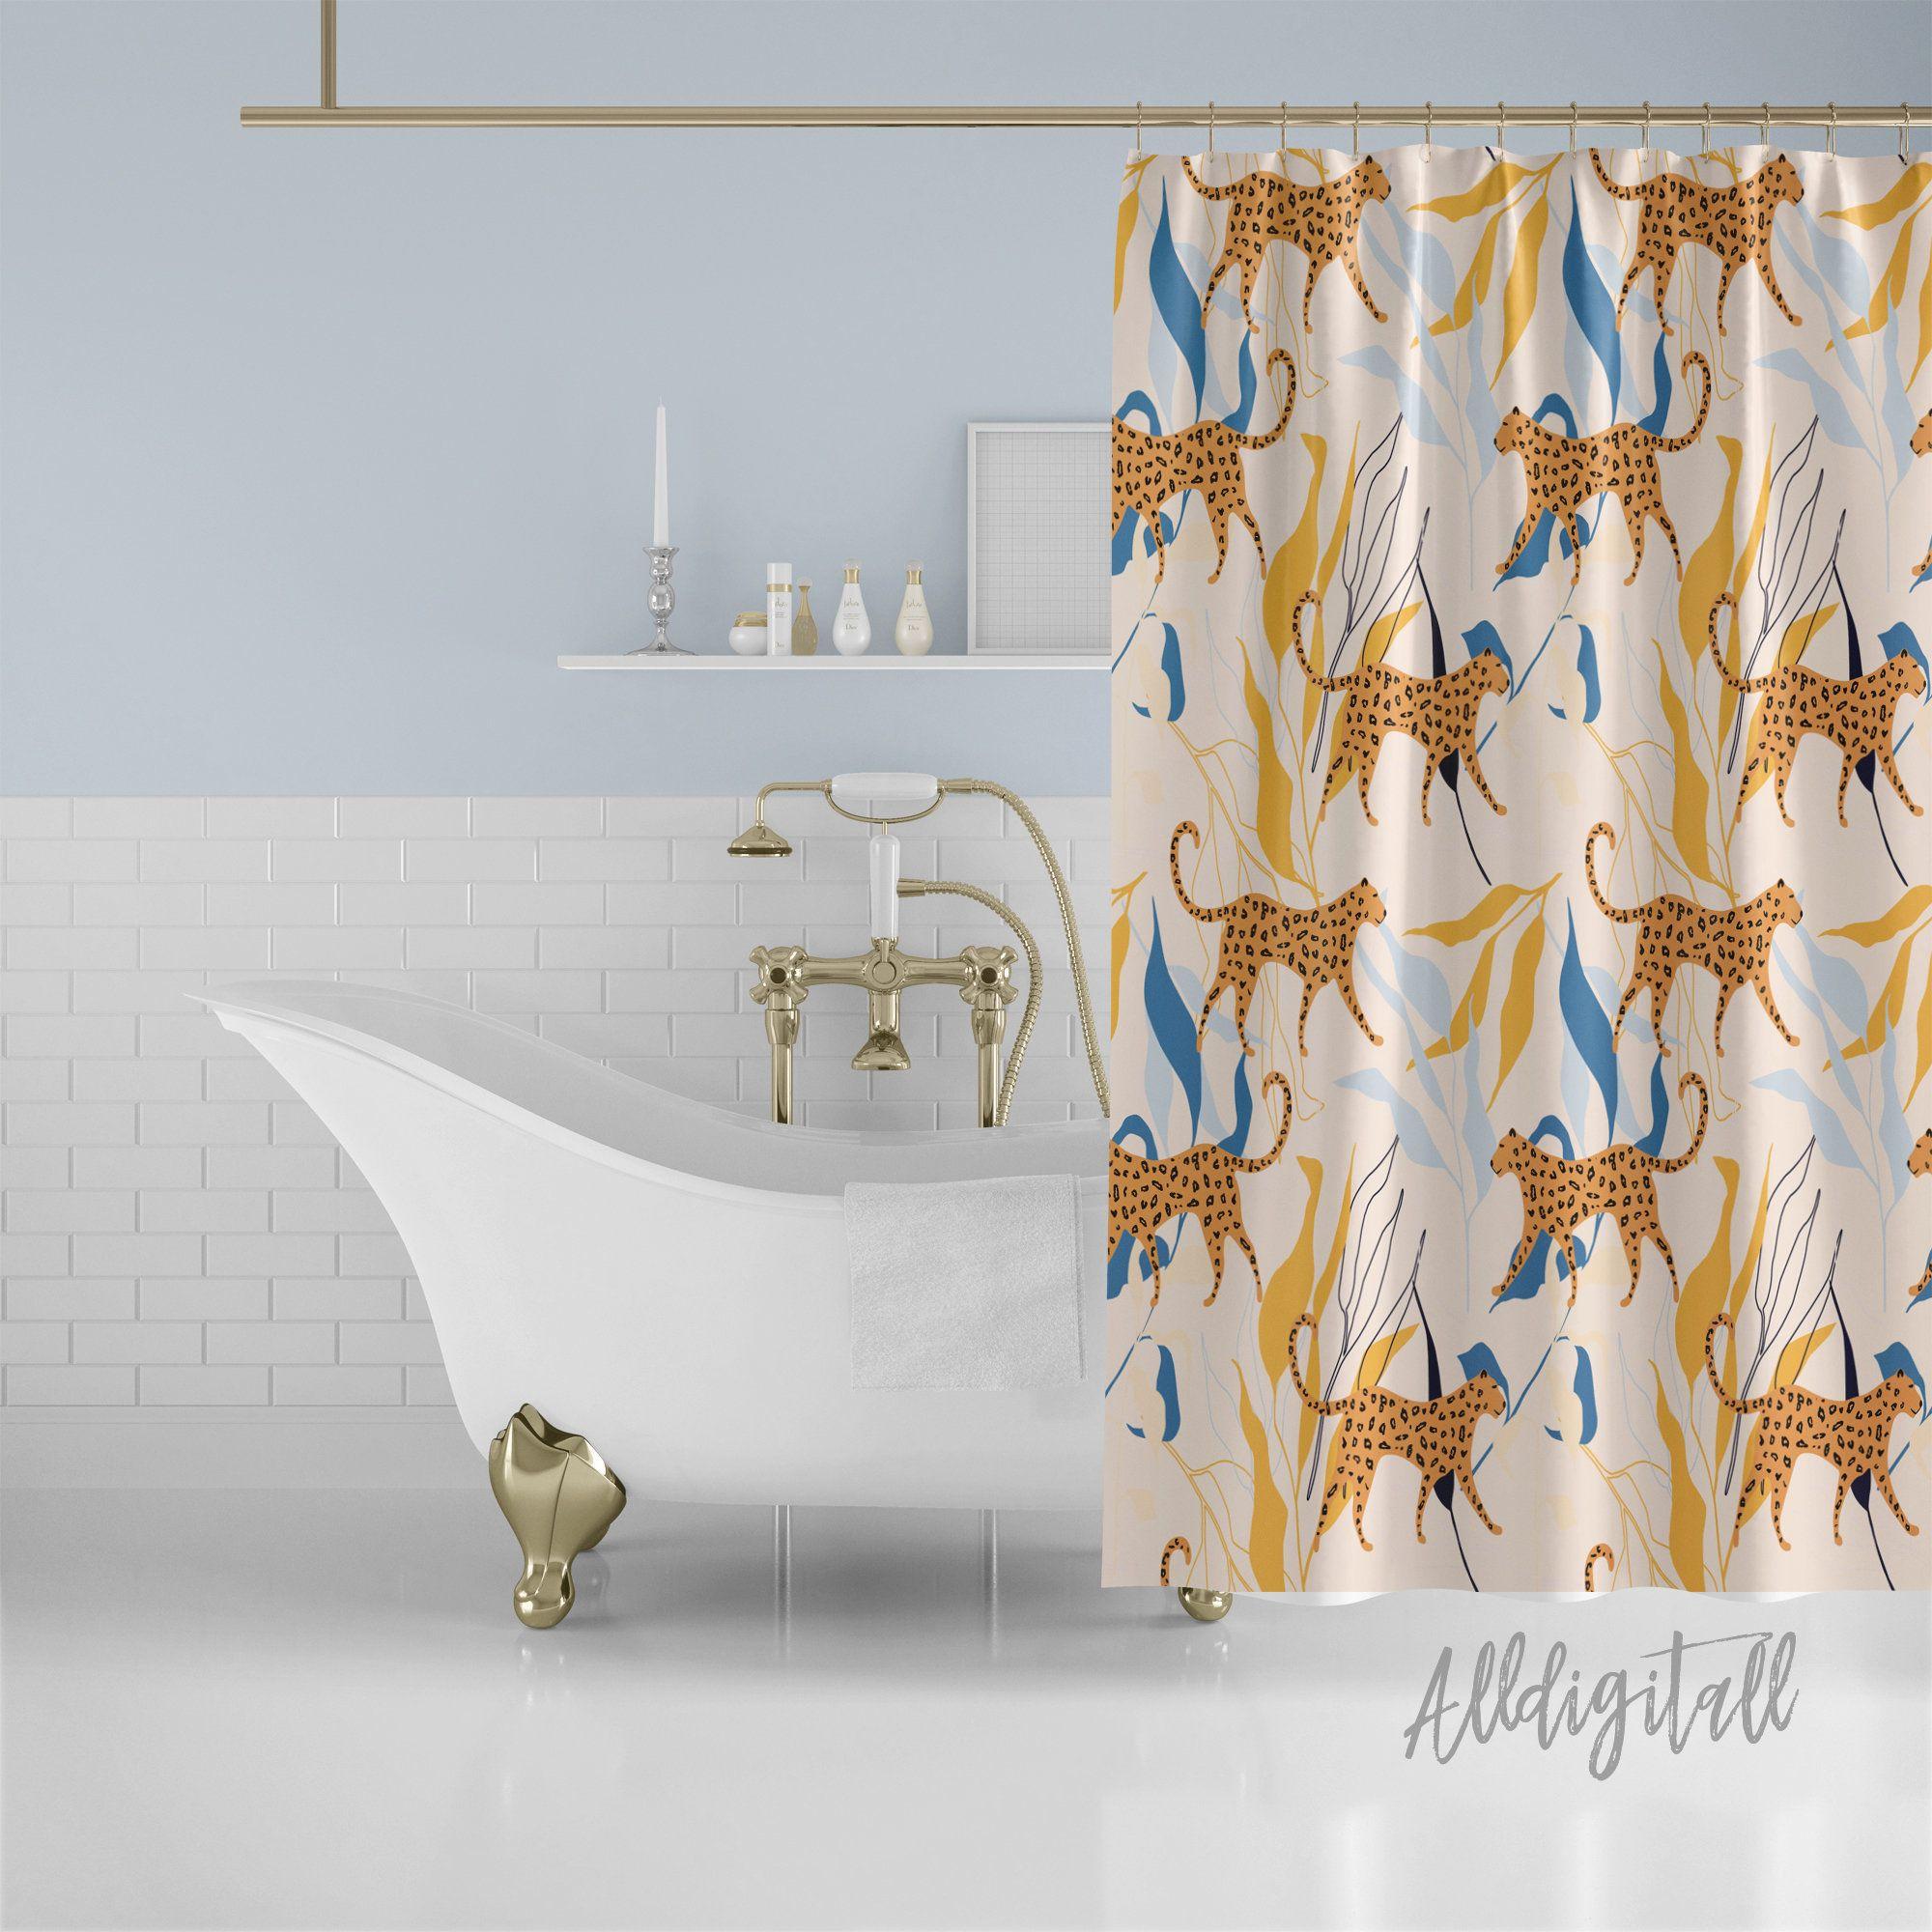 Pin On Bathroom Decor Bathroom decor shower curtains